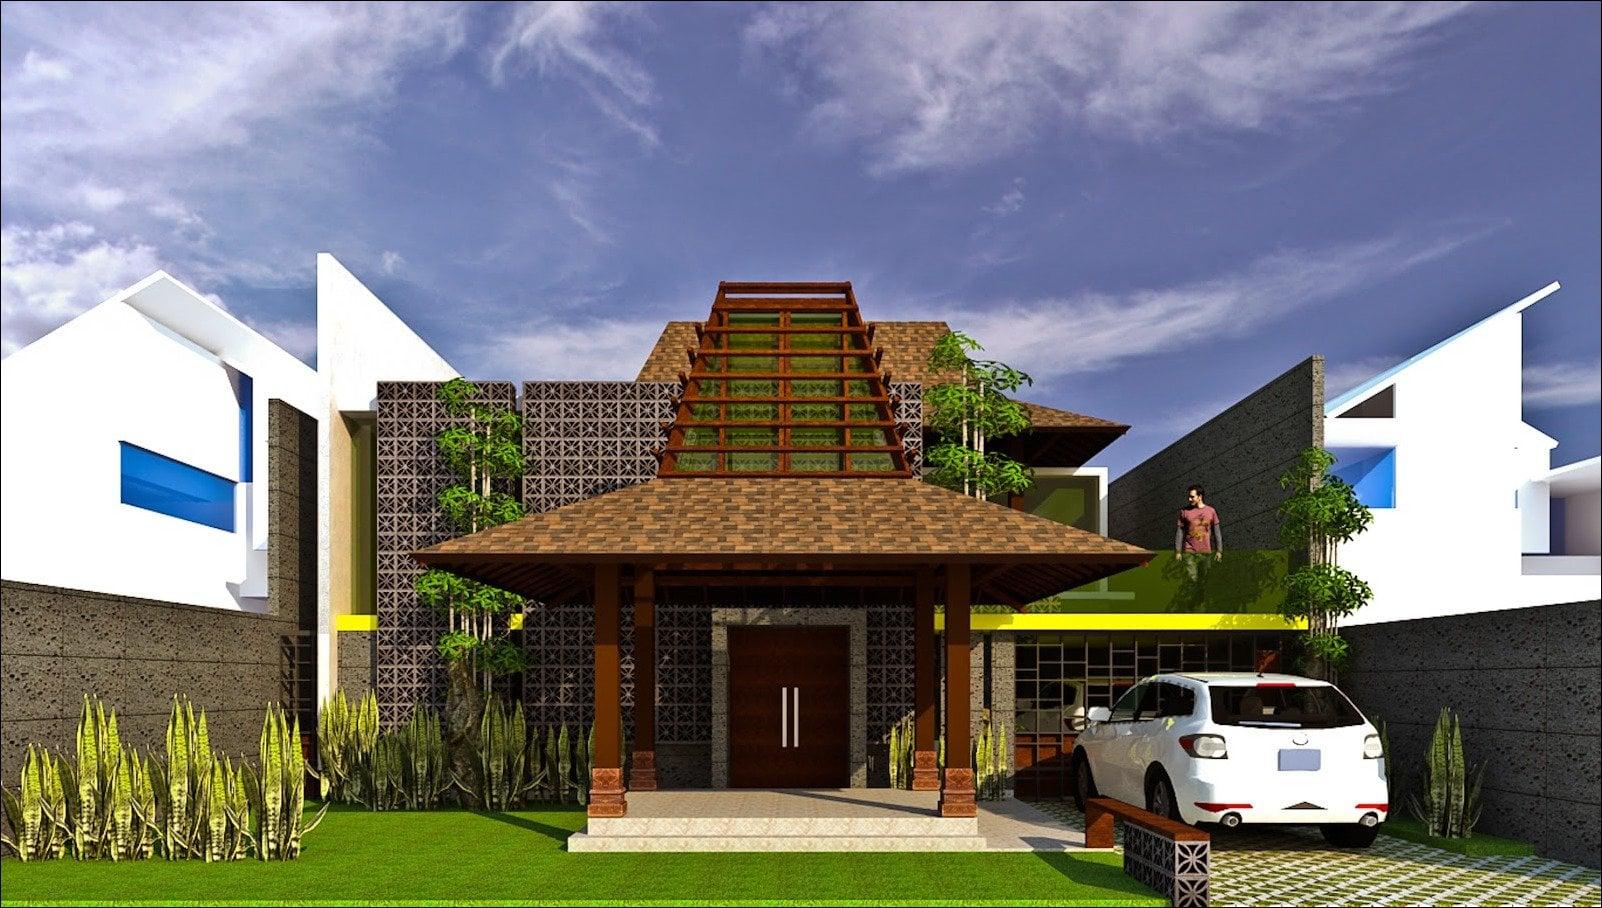 Cemerlang 21 Gambar Rumah Joglo Terbaru 20 Renovasi Ide Dekorasi Rumah untuk 21 Gambar Rumah Joglo Terbaru